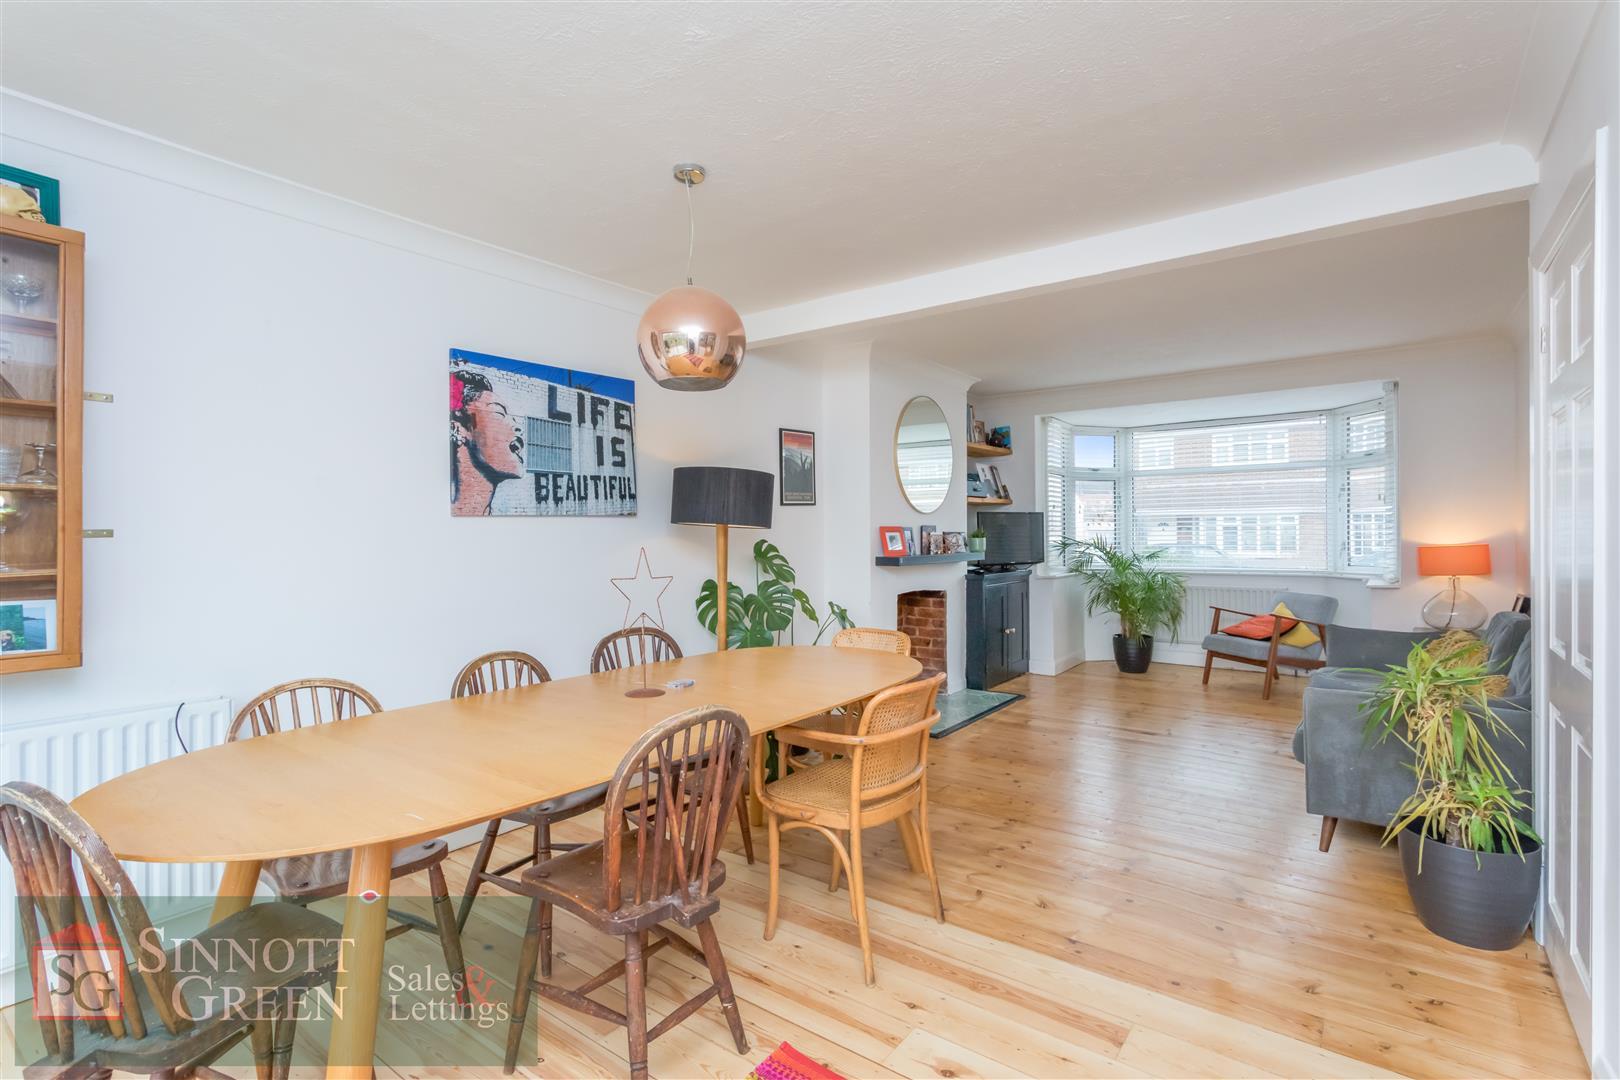 Property in Applesham Way, Portslade, Sussex, BN41 2LP